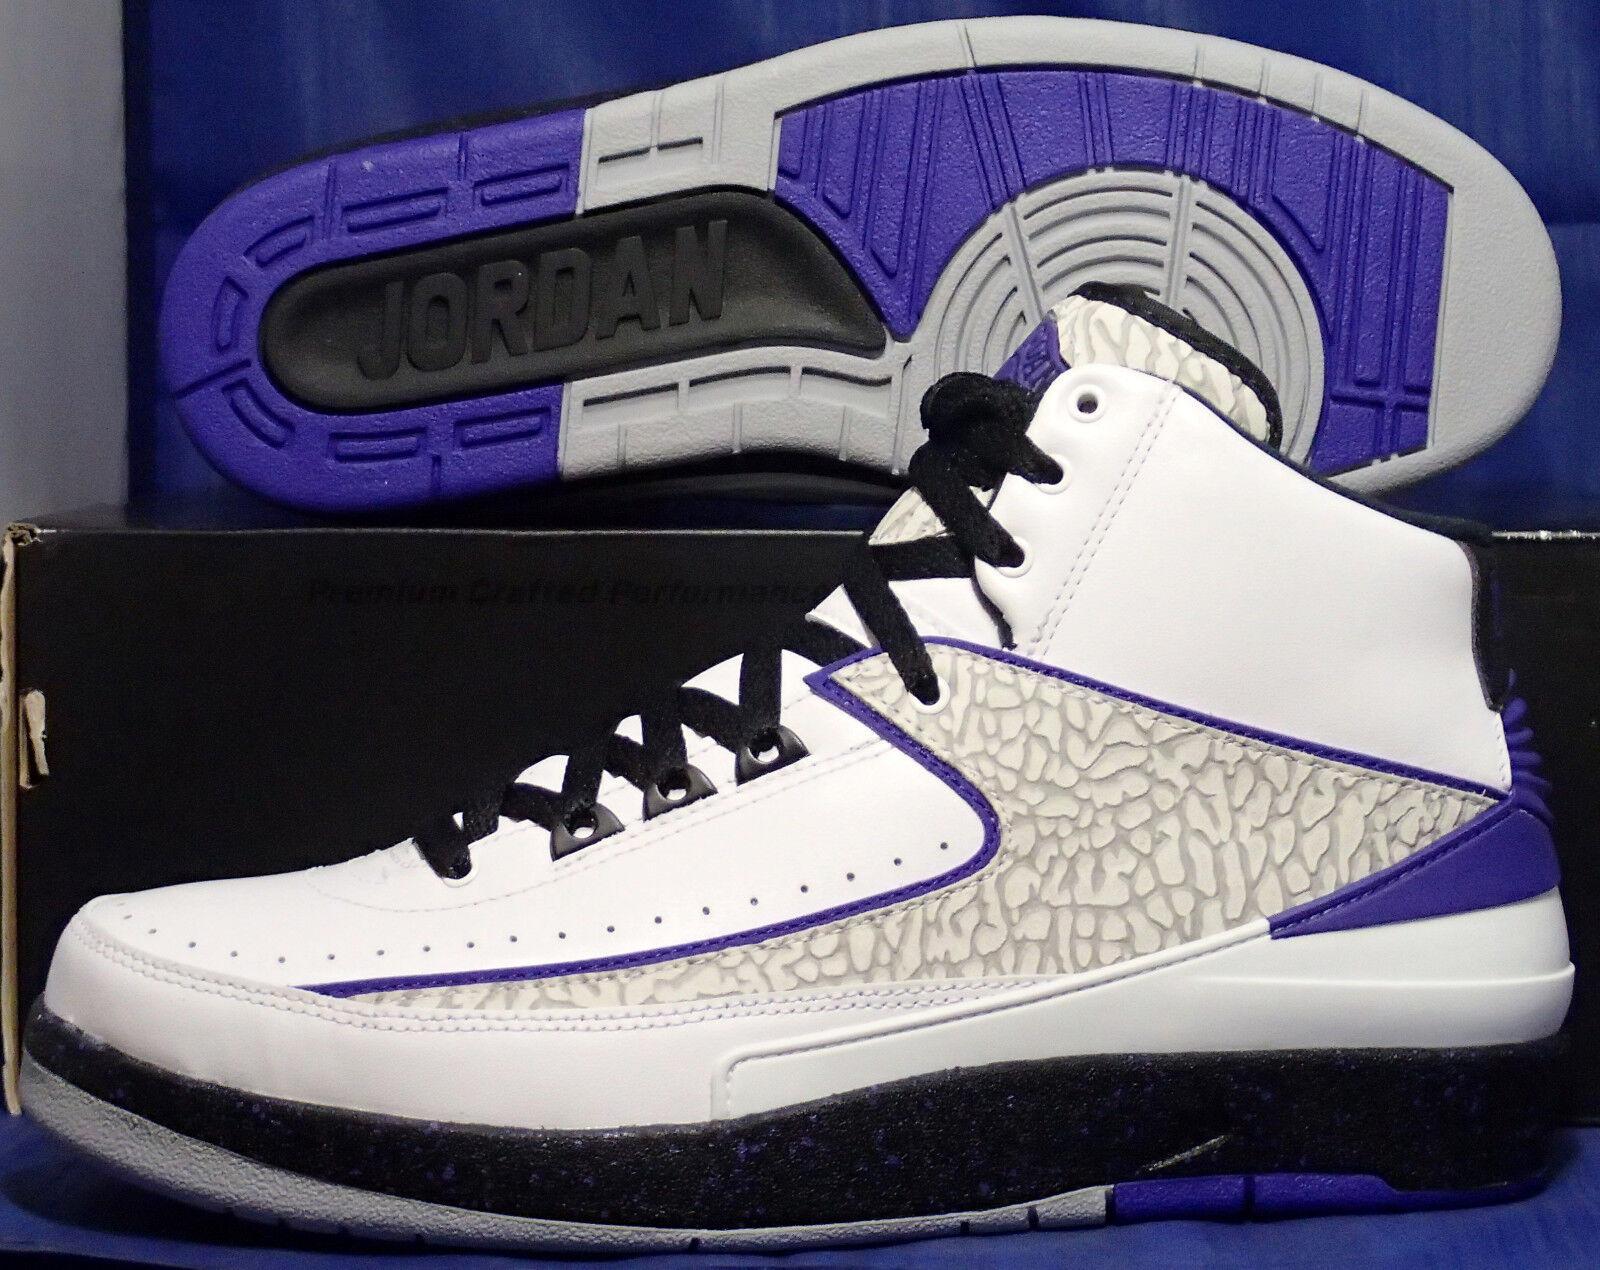 Nike air jordan ii retro bianco bianco bianco nero scuro concord grigio sz 10 (385475-153) | Pregevole fattura  | Uomini/Donne Scarpa  a1b6c0